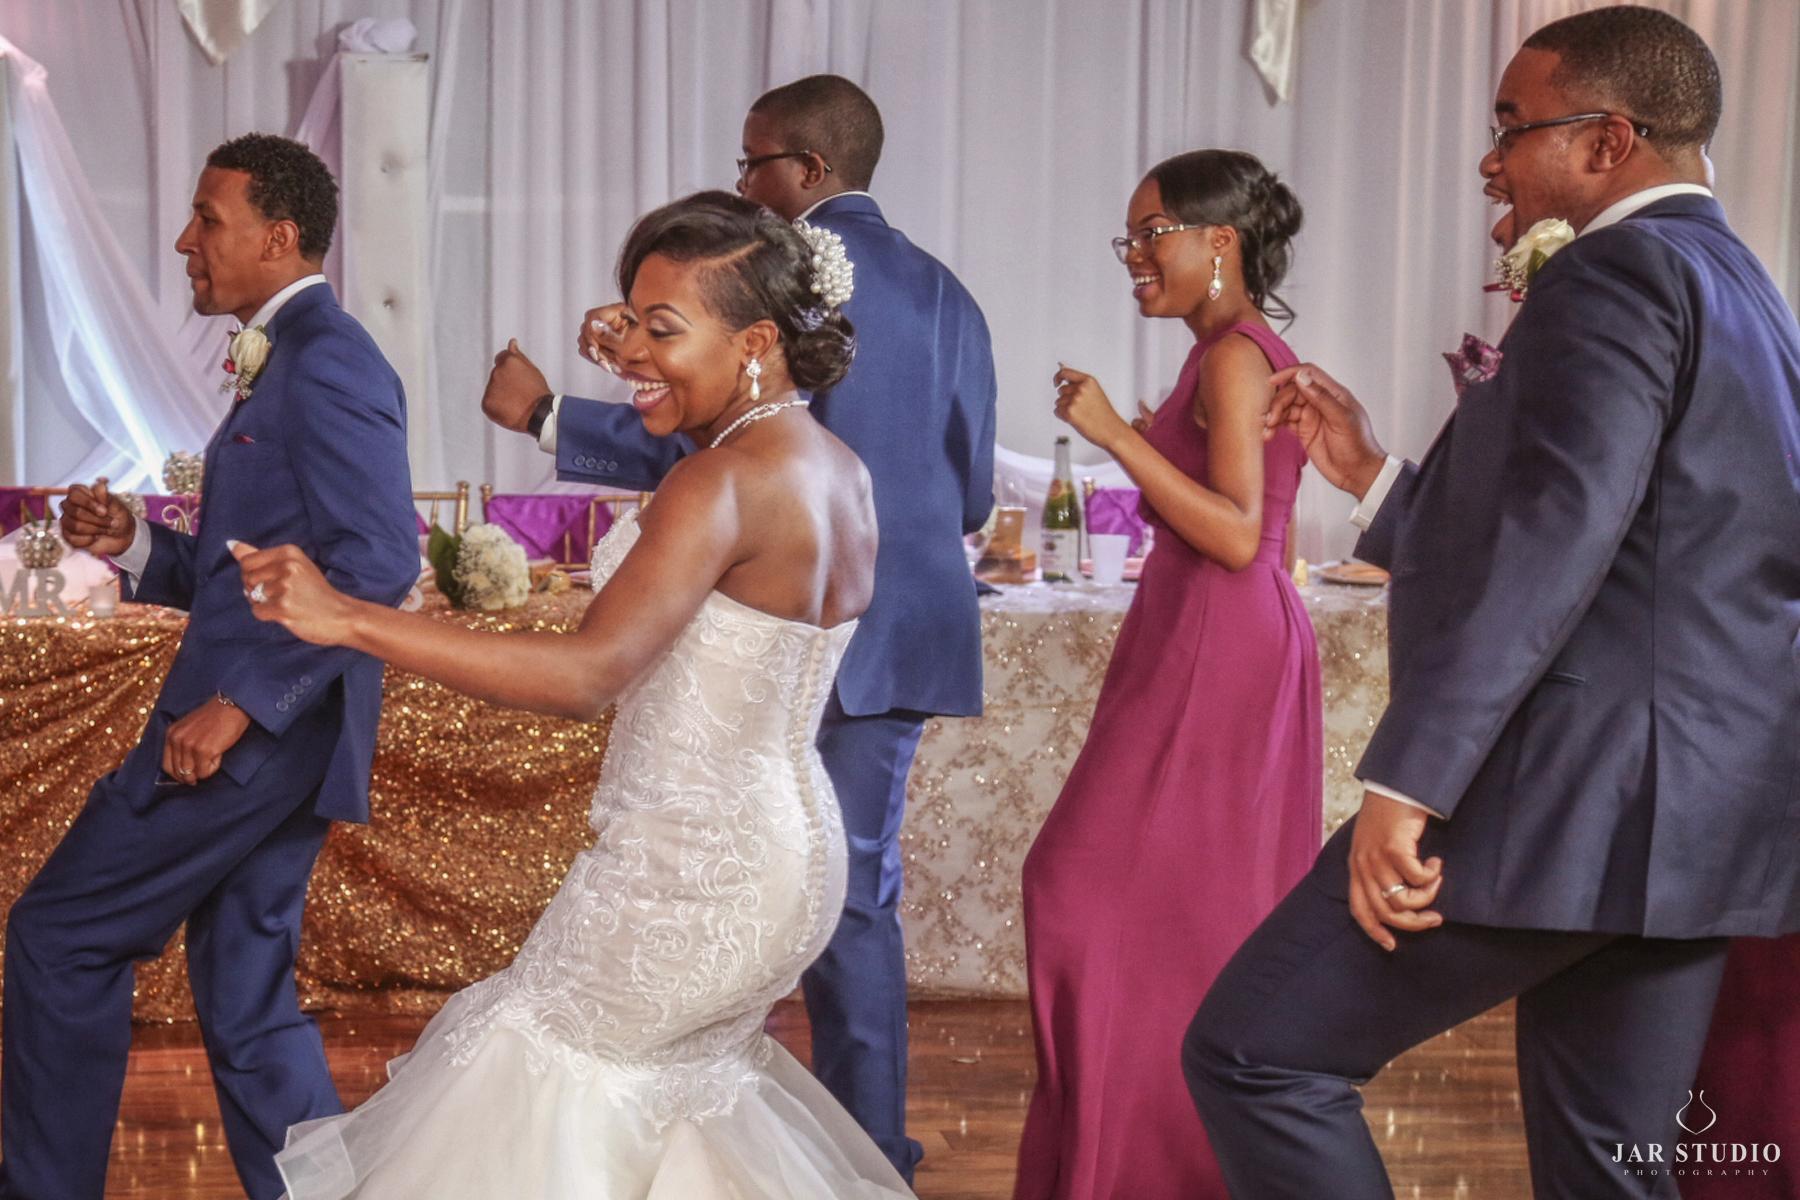 43-jarstudio-wedding-photographer.JPG